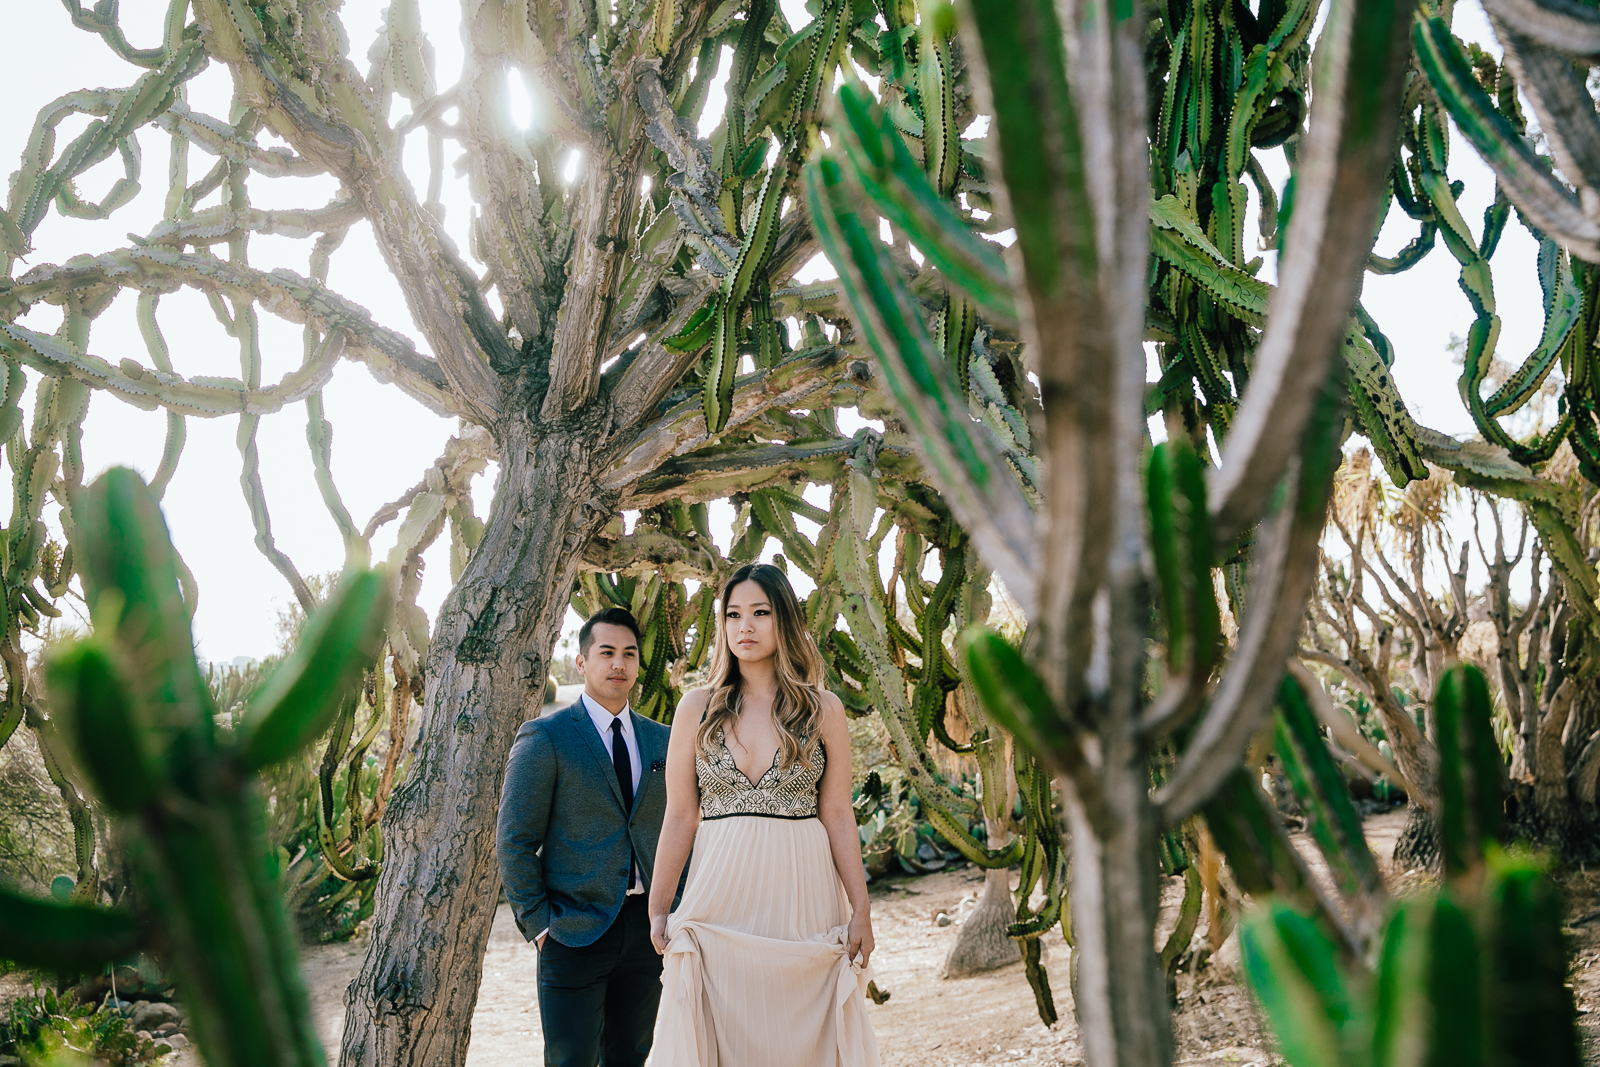 JEFF_&_JESSICA_ENGAGEMENT_SESSION_BALBOA_PARK_LEAFWEDDINGPHOTOGRAPHY_20160220_IMG_8548.JPG